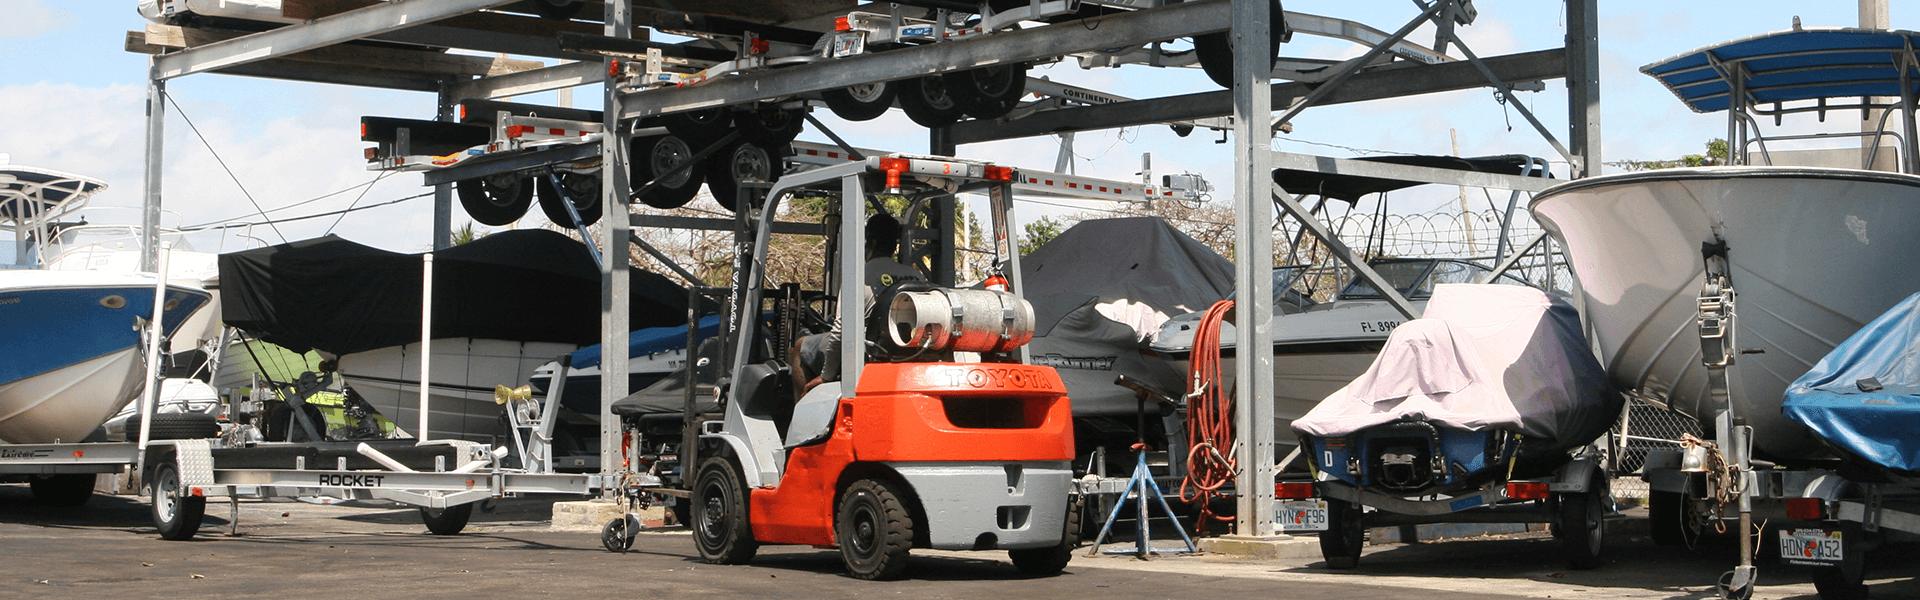 boat-trailer-storage-miami